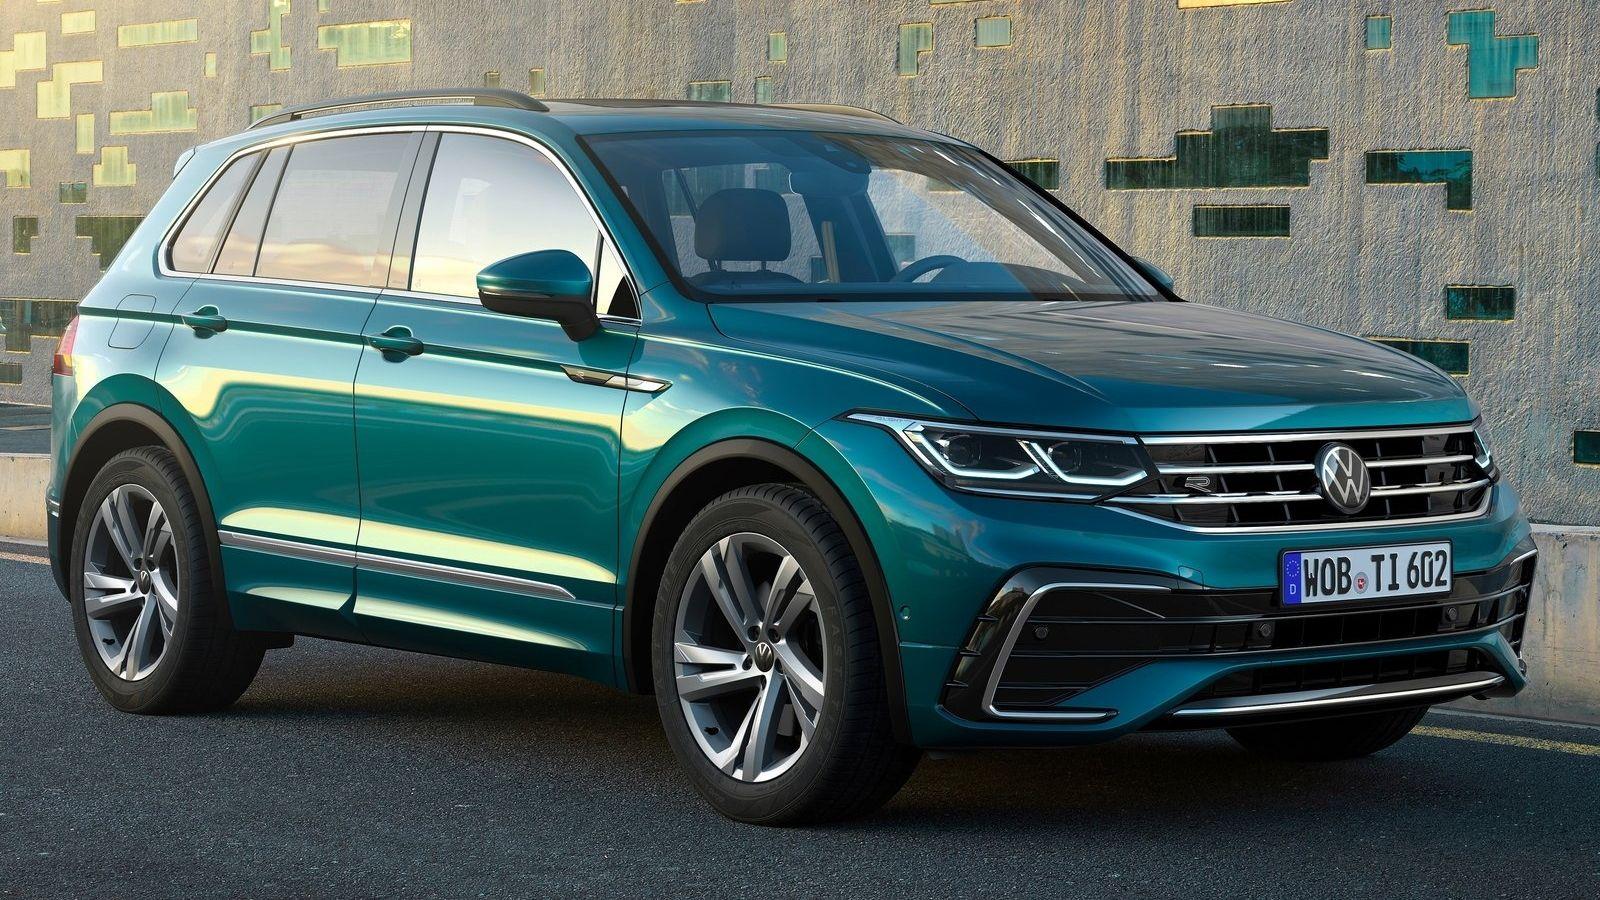 Tiguan Volkswagen Trendline-Plus